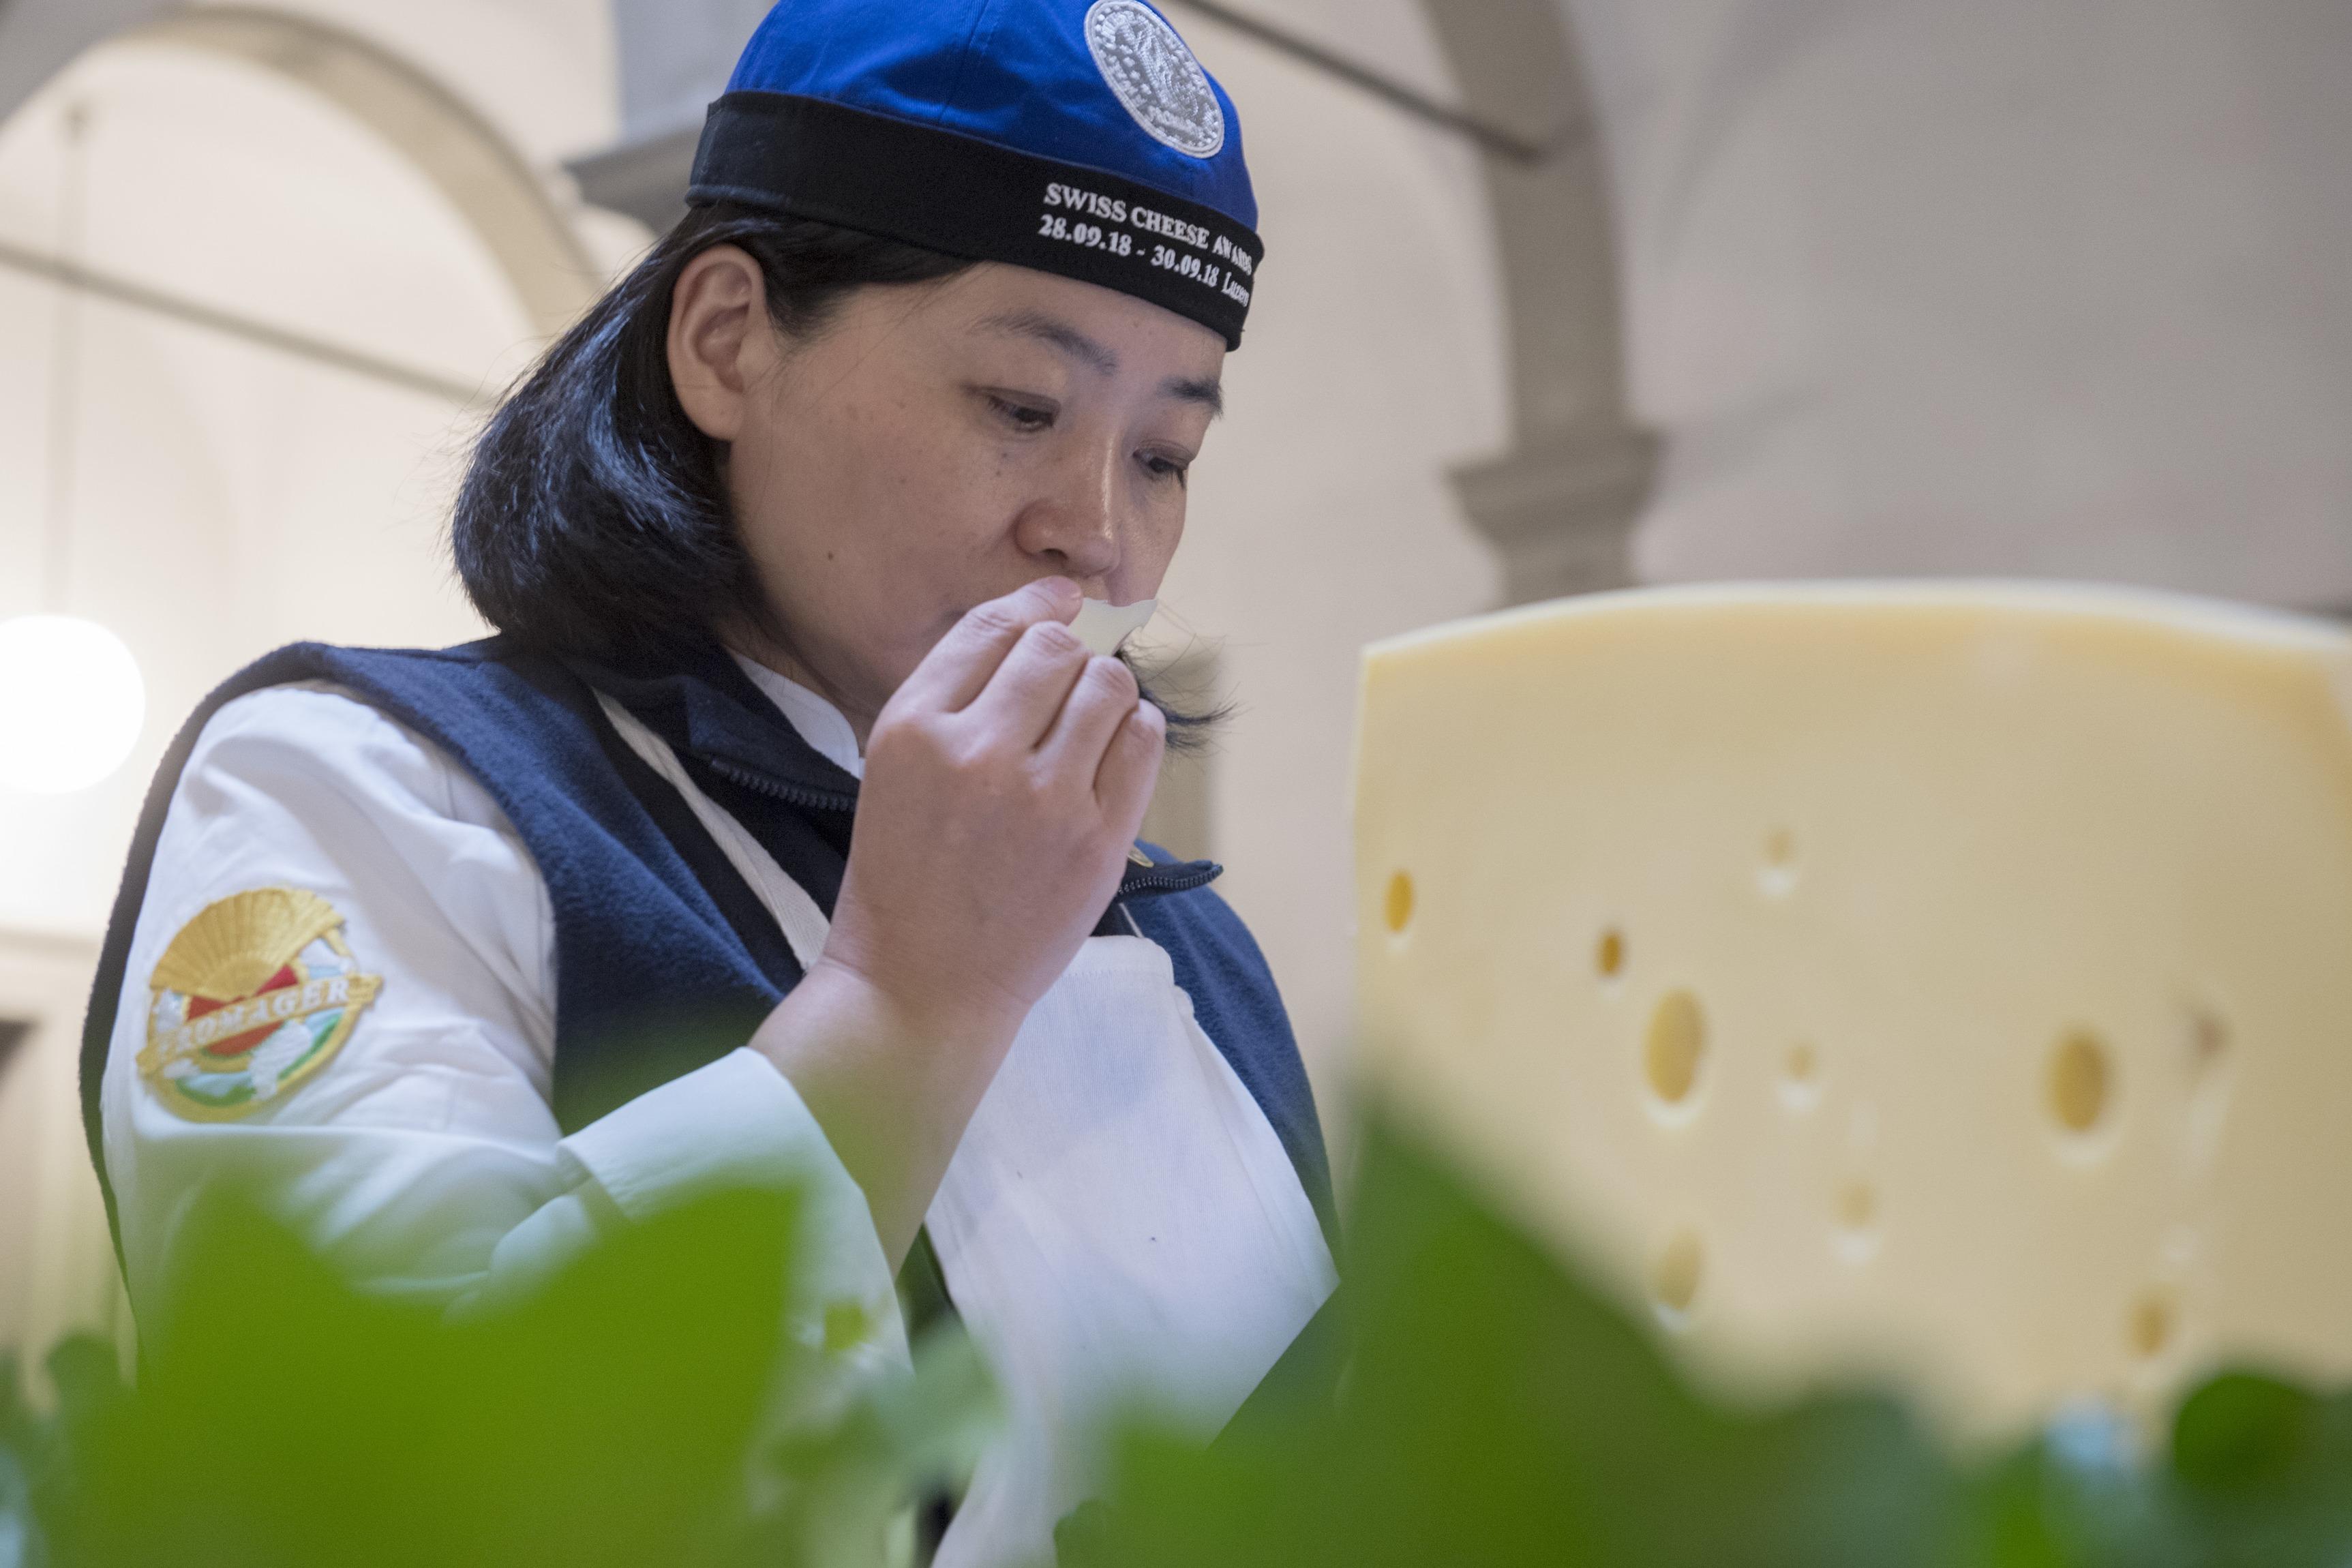 Swiss Cheese Awards 2018